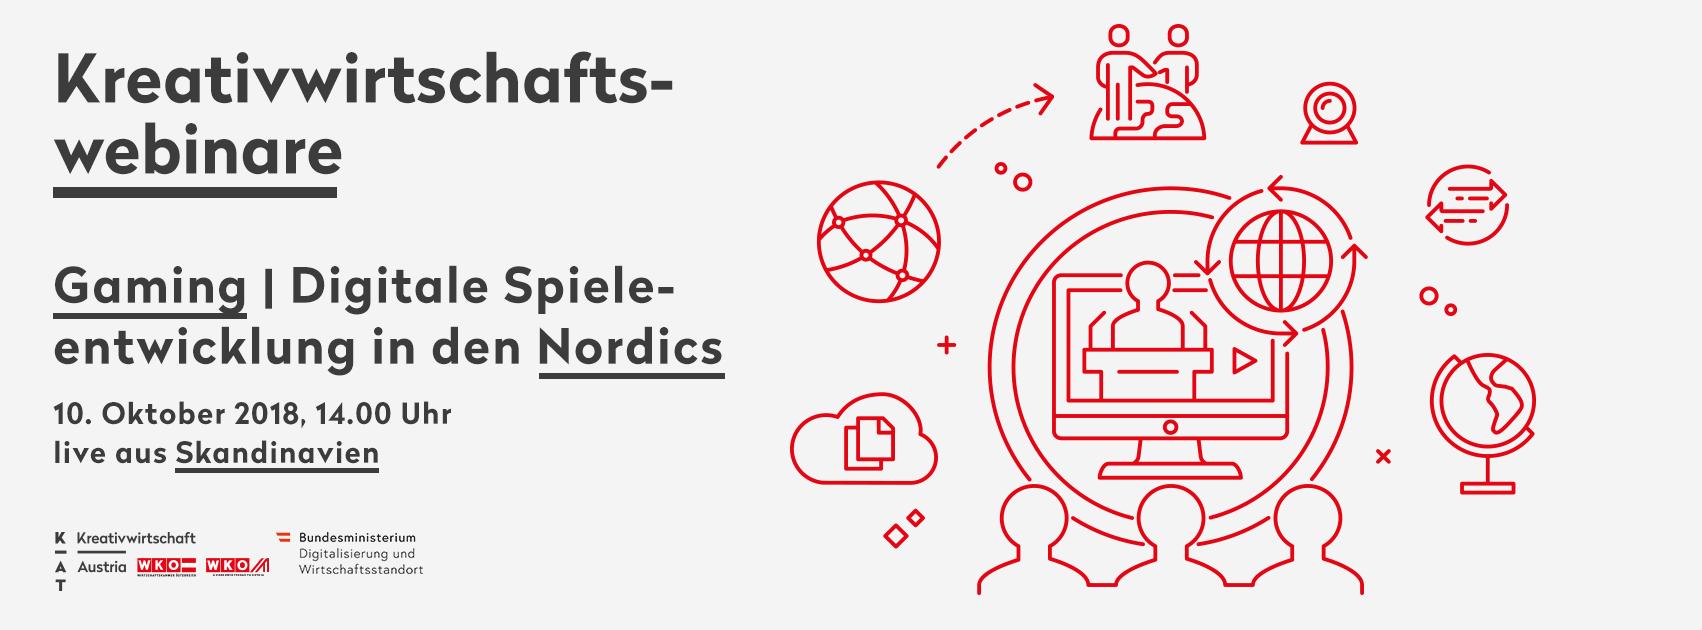 Titelbild-Webinar_Skandinavien_10.10.2018